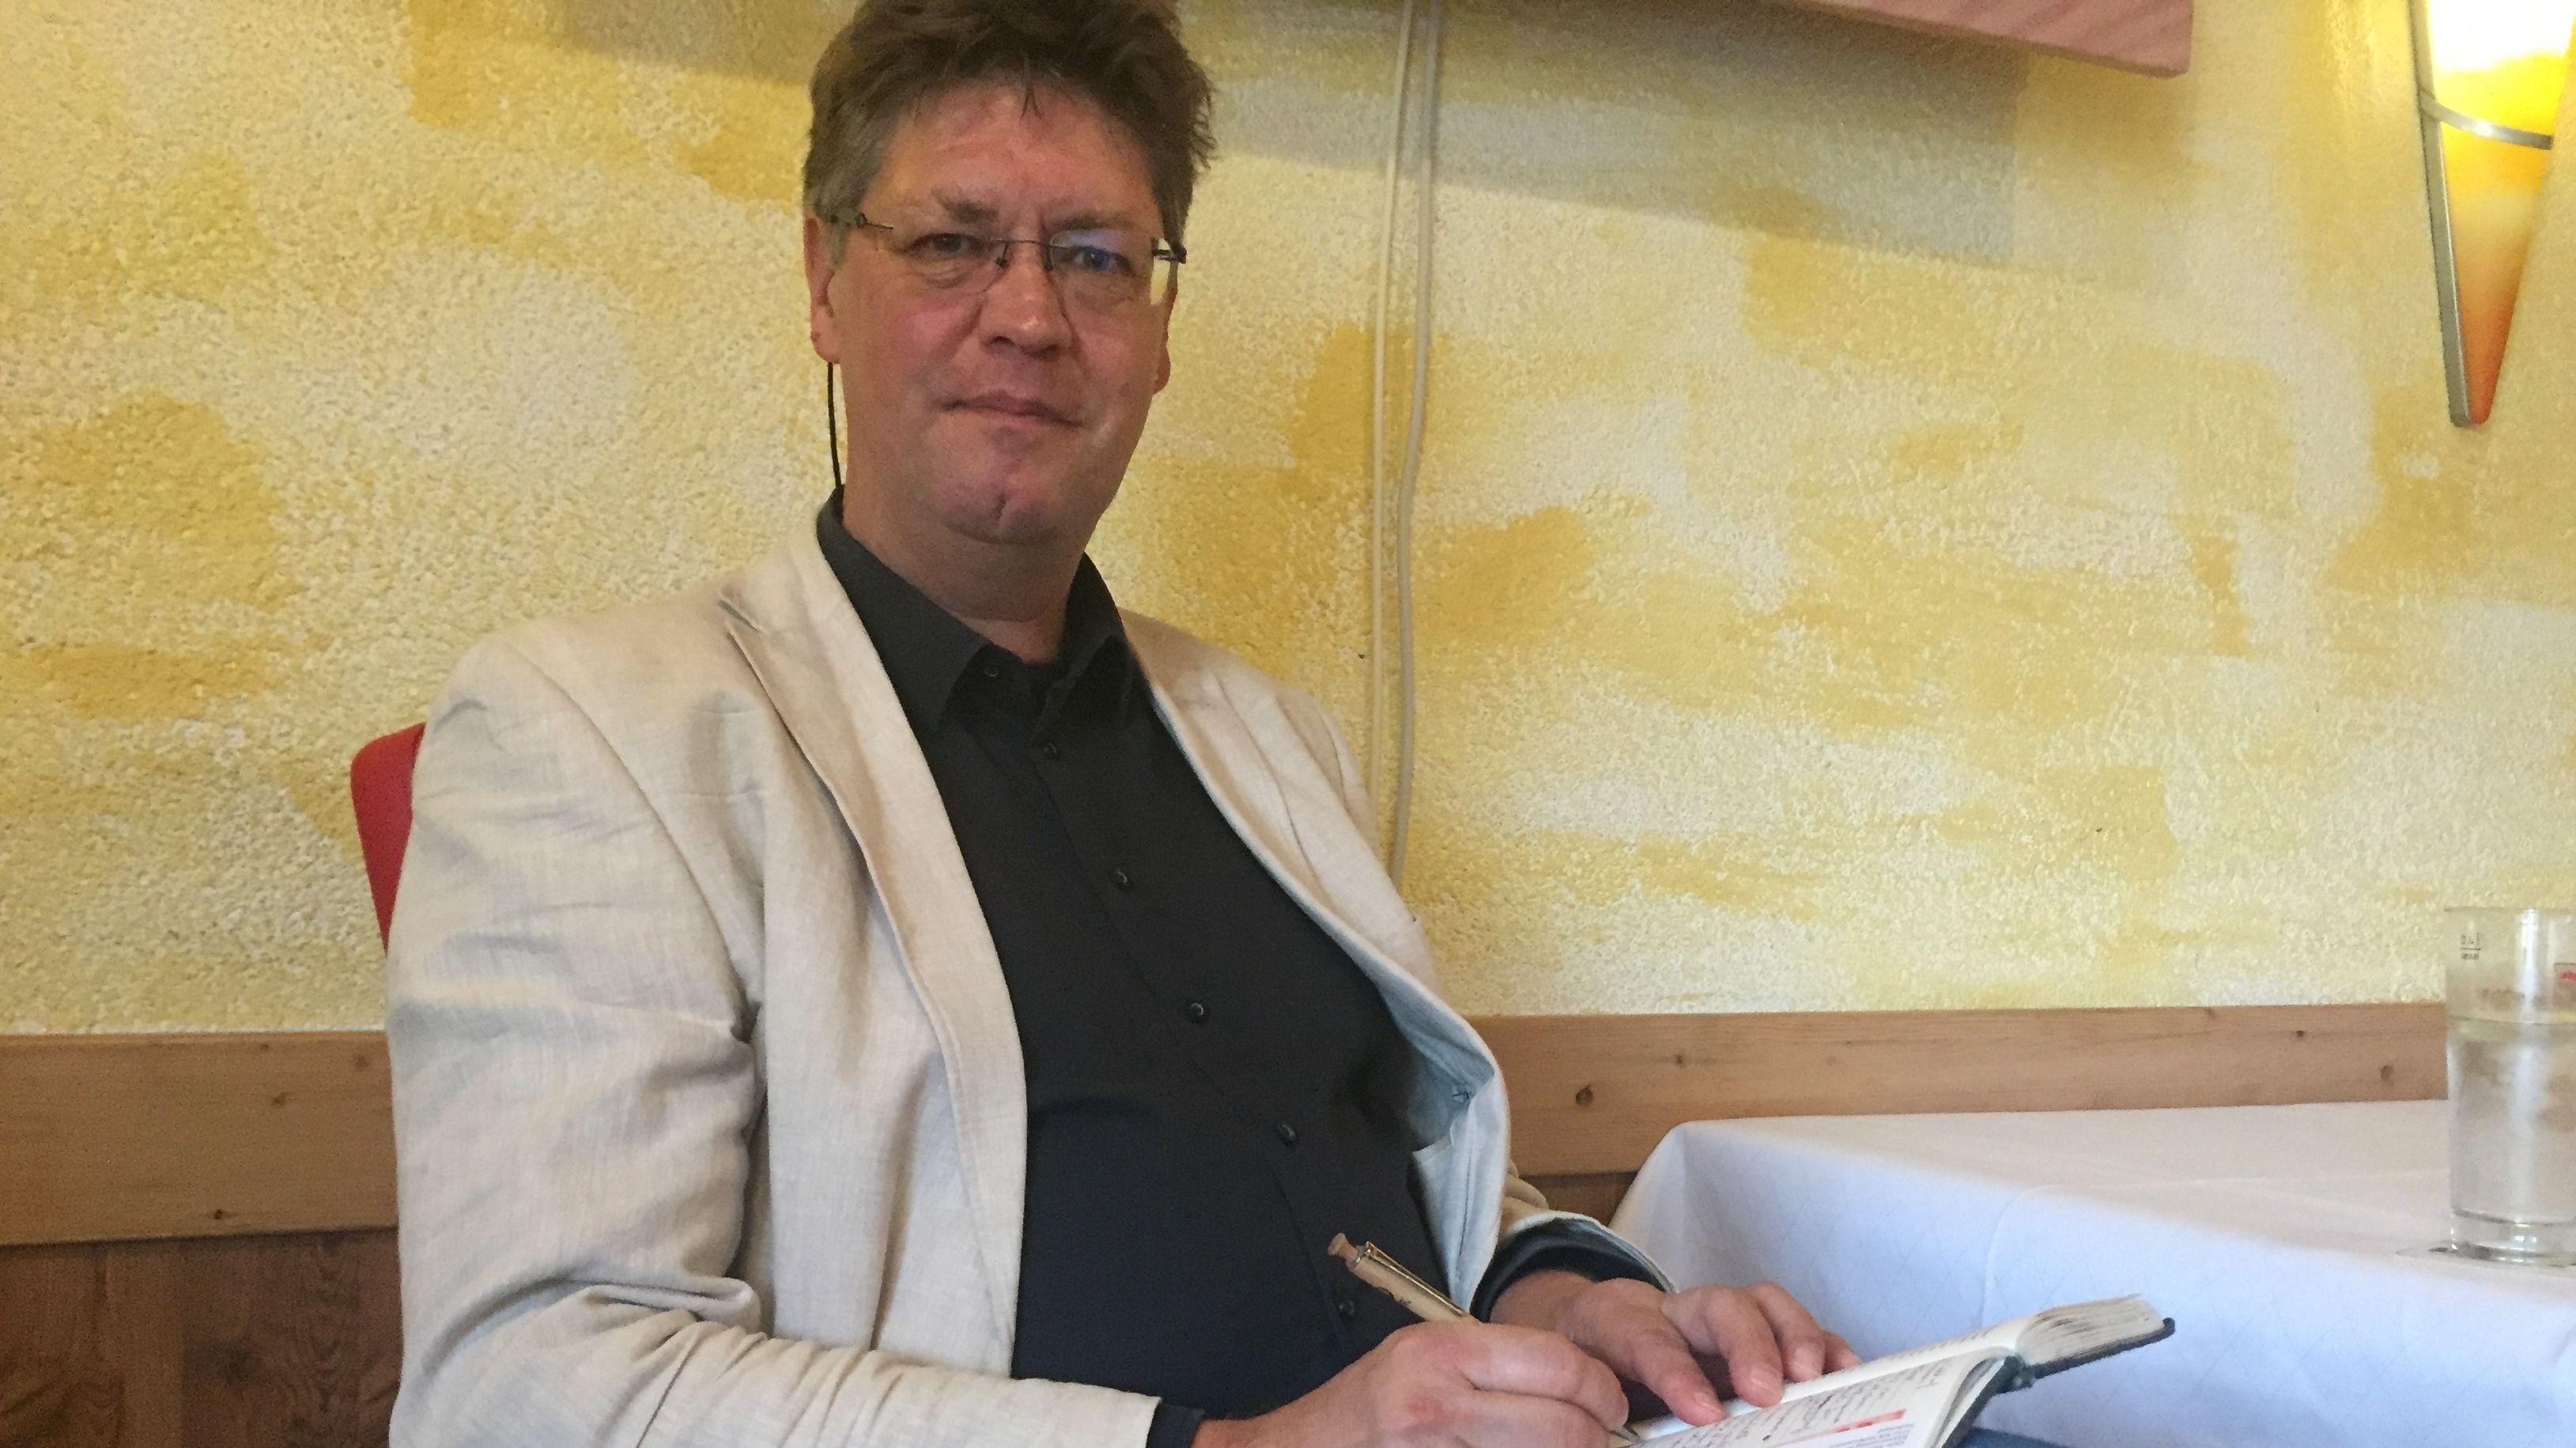 Der internationale Atom-Experte Jan Haverkamp in Marktredwitz